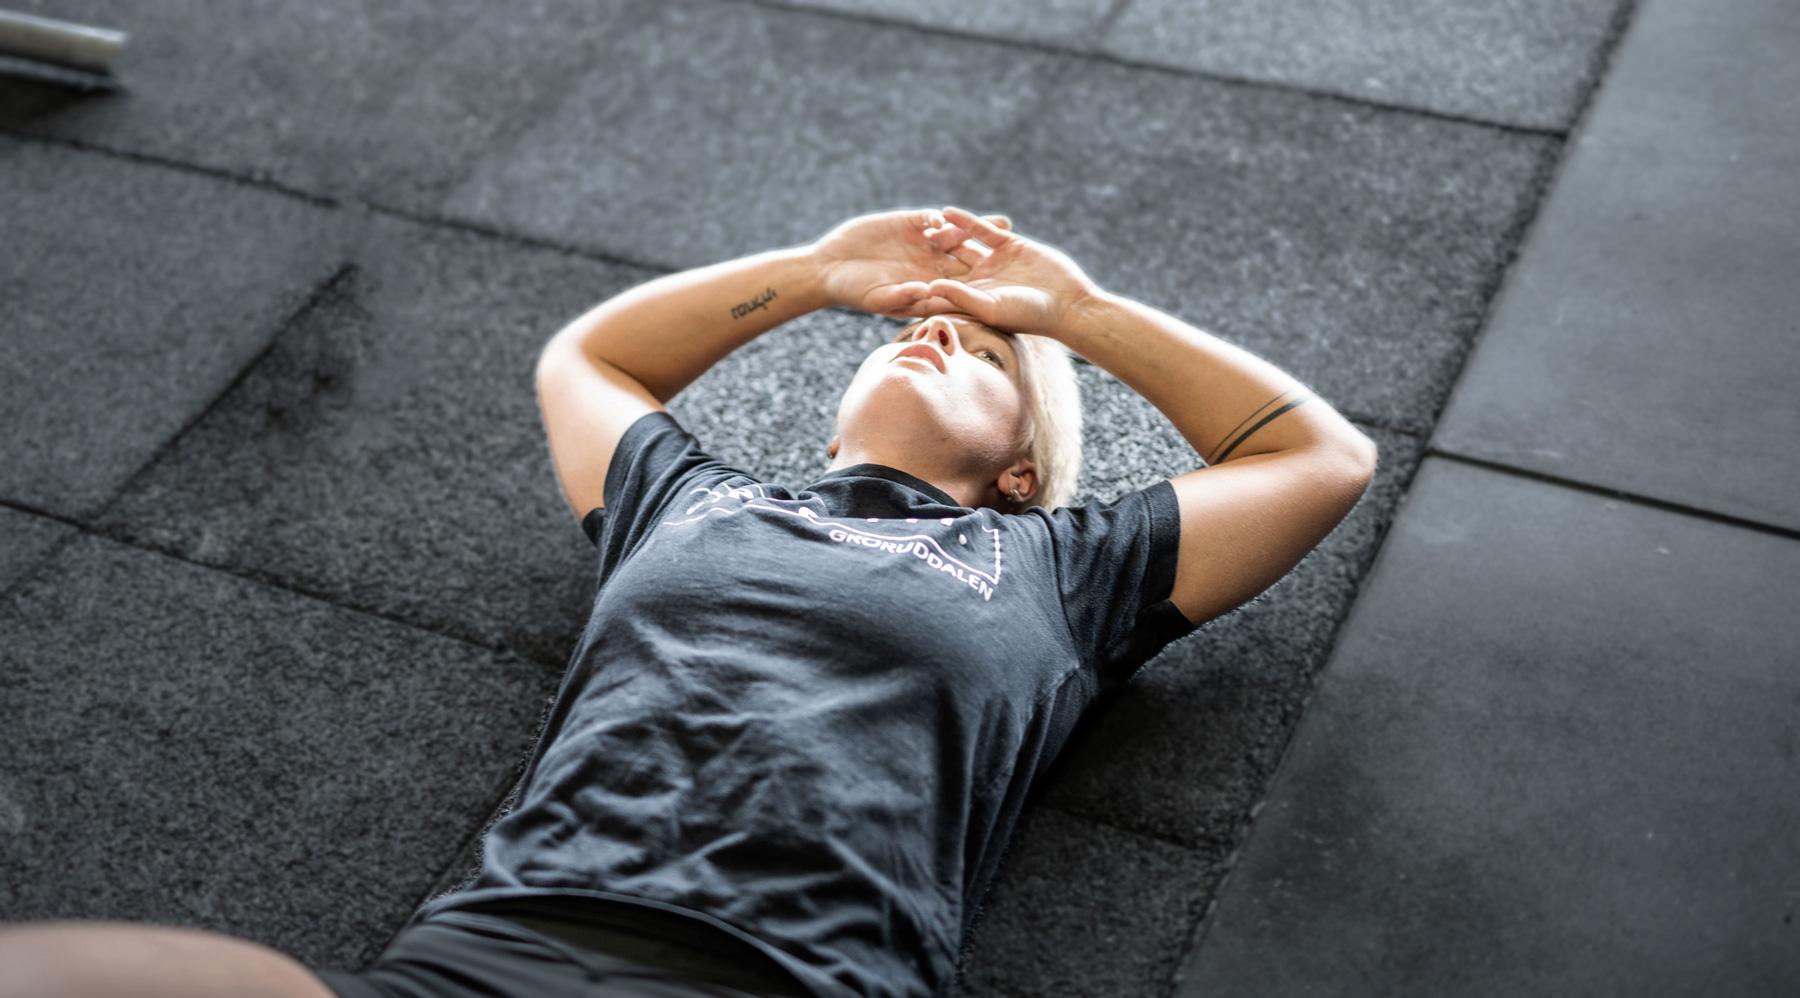 Ligger sliten på gulvet. Foto © Copyright CFGD AS.